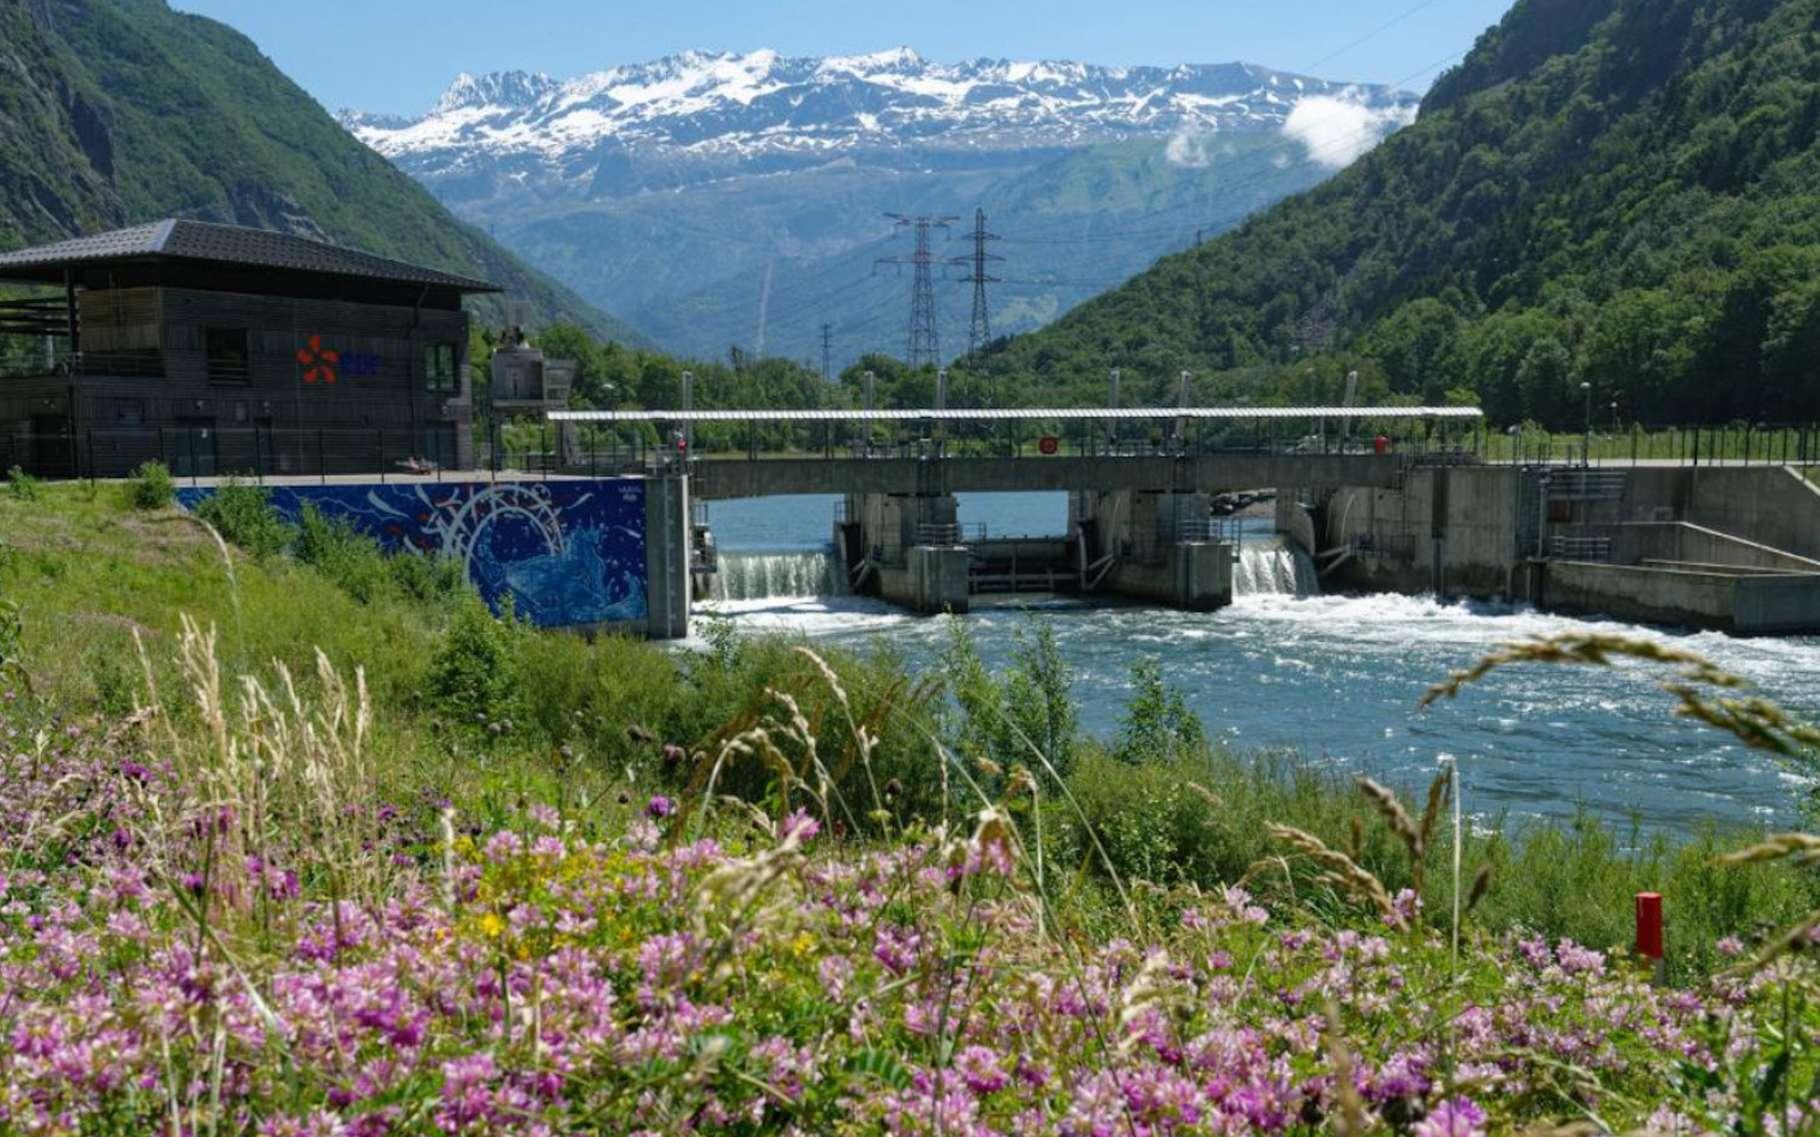 Seuls le barrage et les ouvrages de restitution de l'eau du nouvel aménagement hydroélectrique de Romanche Gavet sont visibles. Le reste est entièrement souterrain. © Christophe Huret, EDF